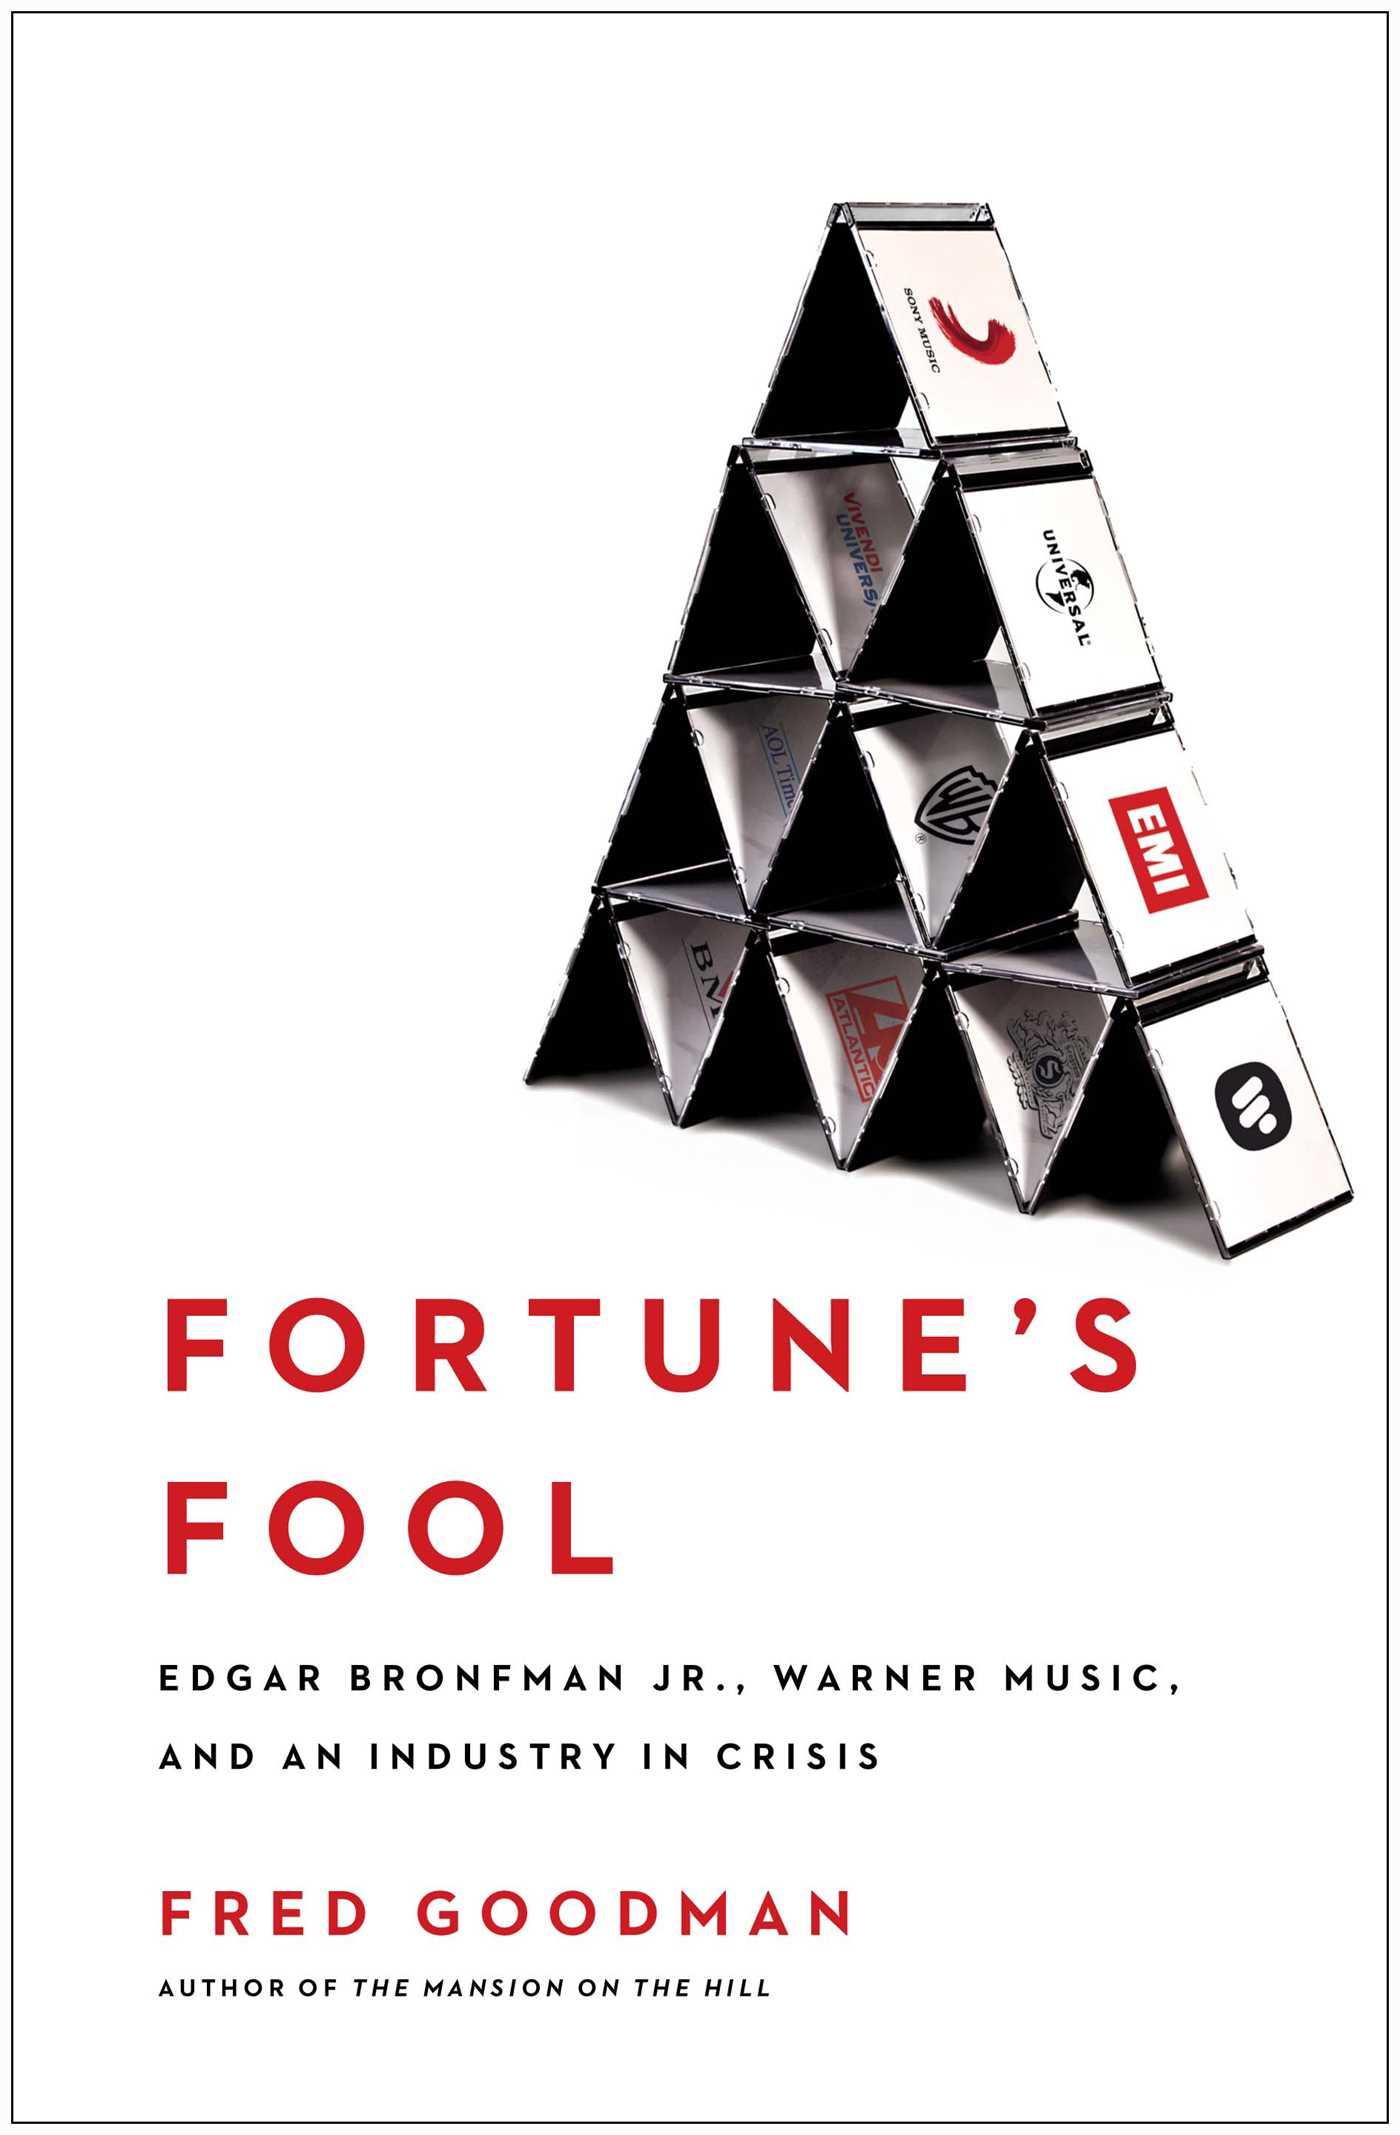 Fortunes fool 9780743269995 hr